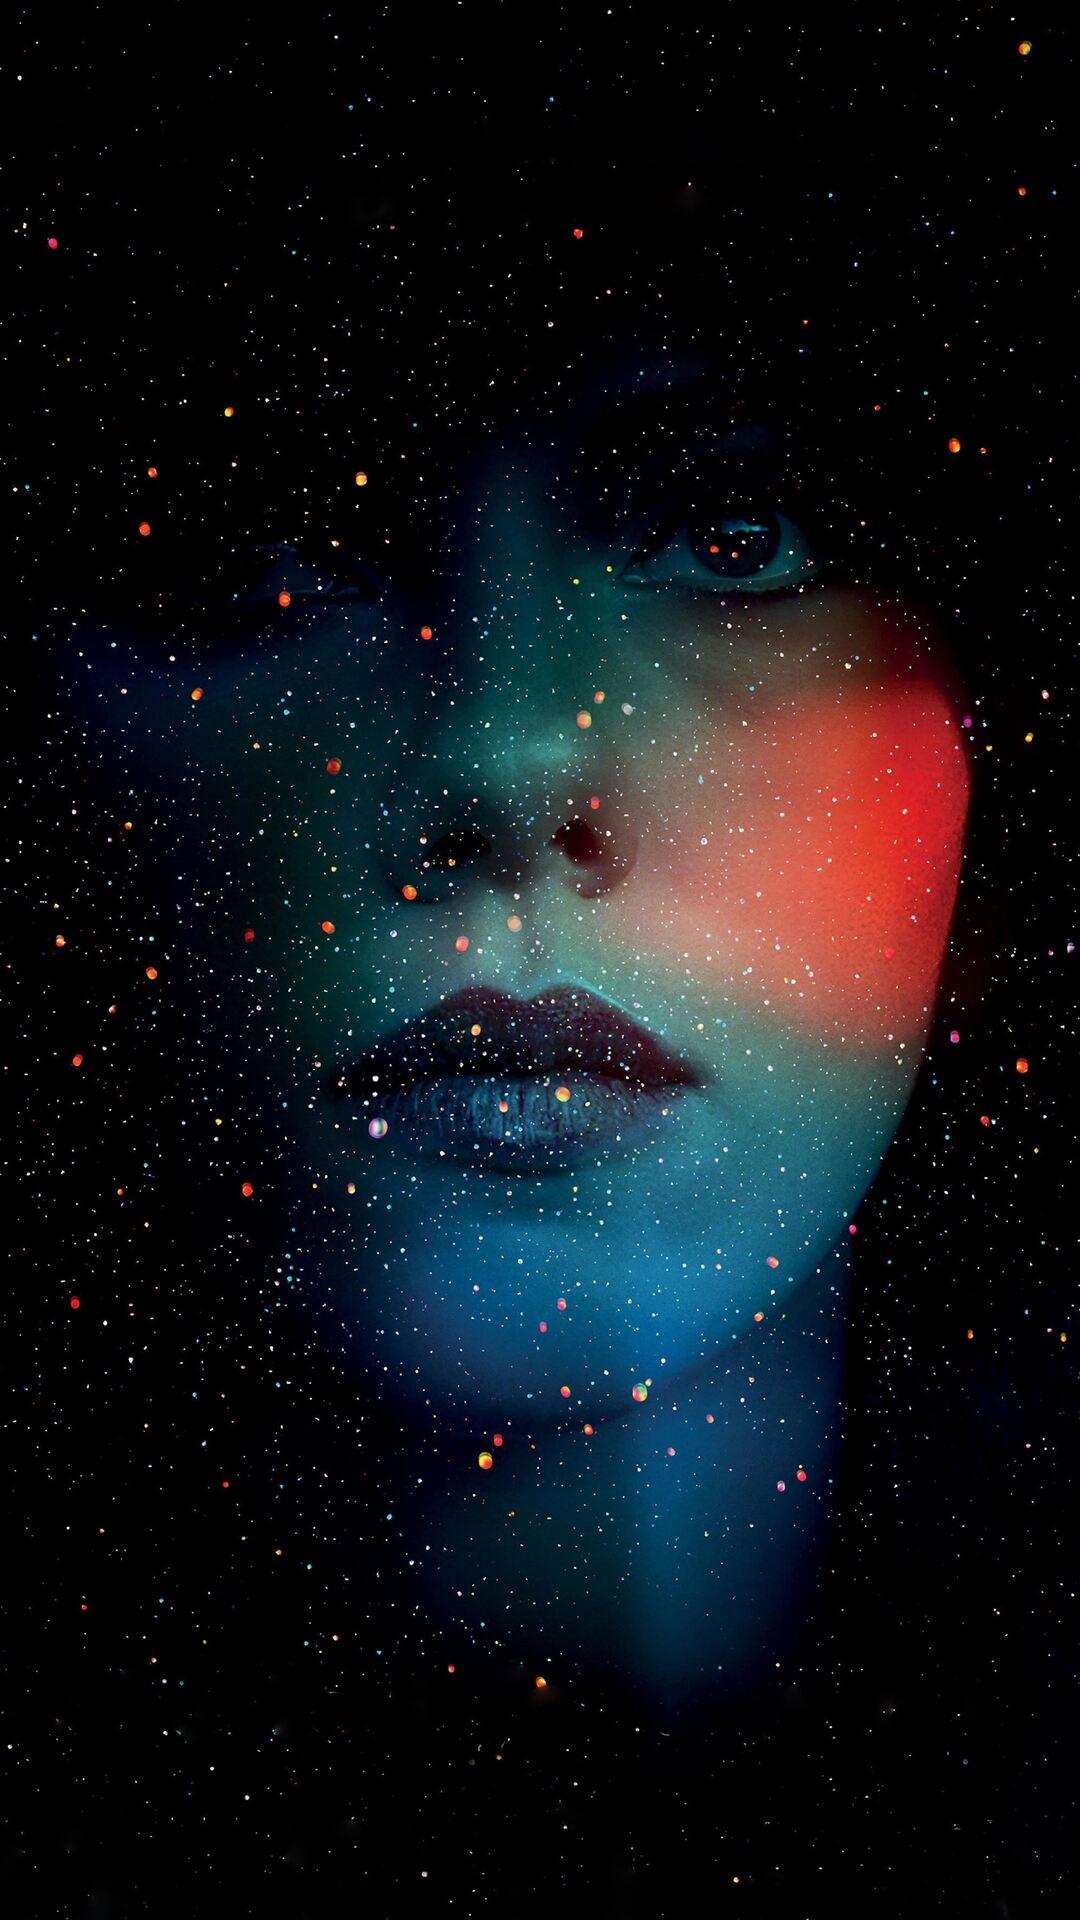 scarlett-johansson-under-the-skin-artwork-pic.jpg